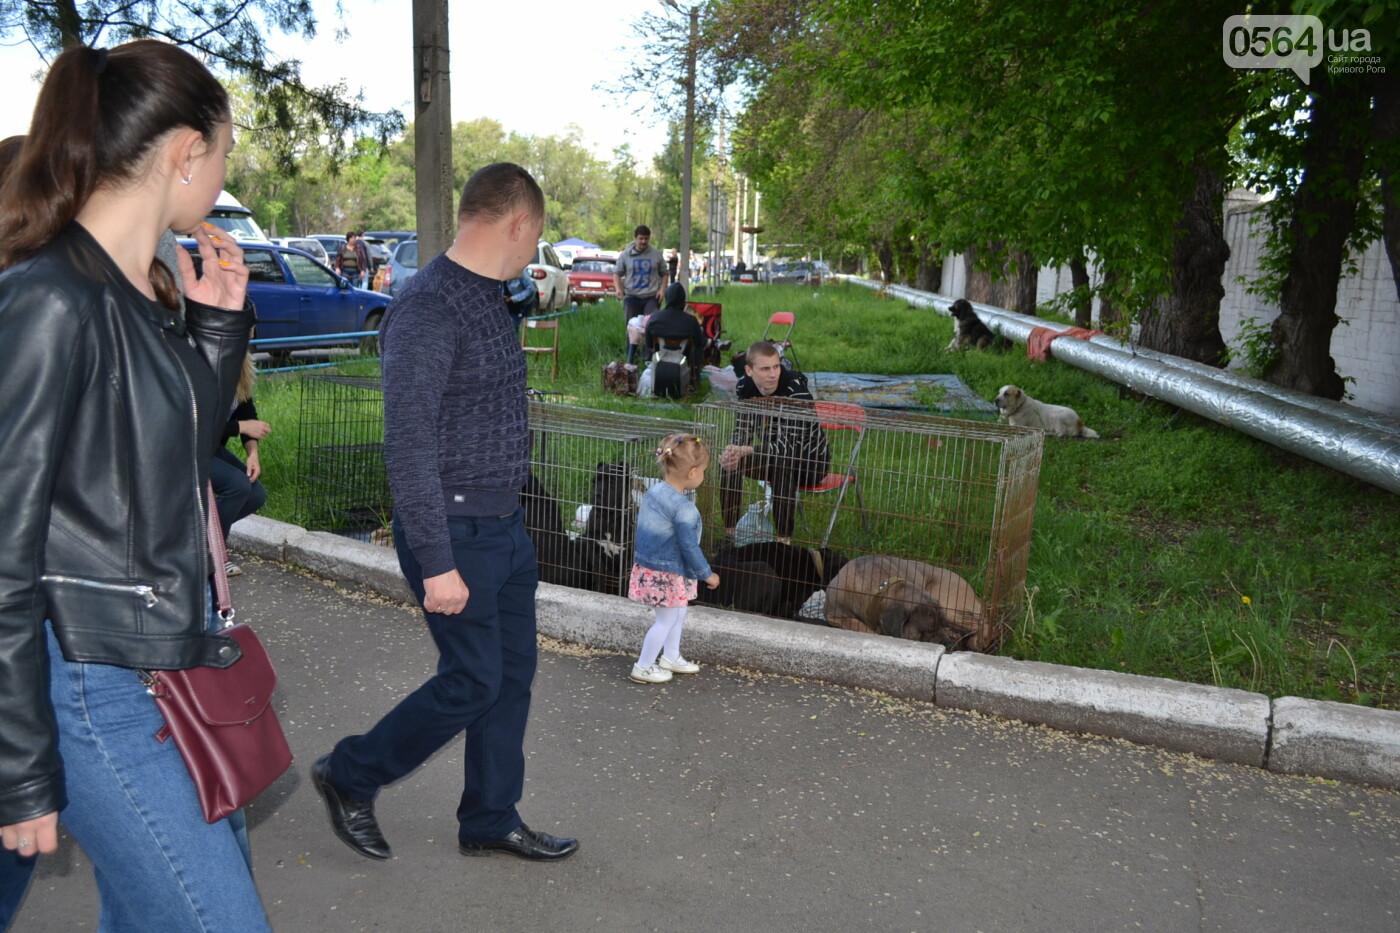 """""""Весна Кривбасса-2019"""": на выставке в Кривом Роге можно увидеть собак более 90 пород, - ФОТО, ВИДЕО, фото-10"""